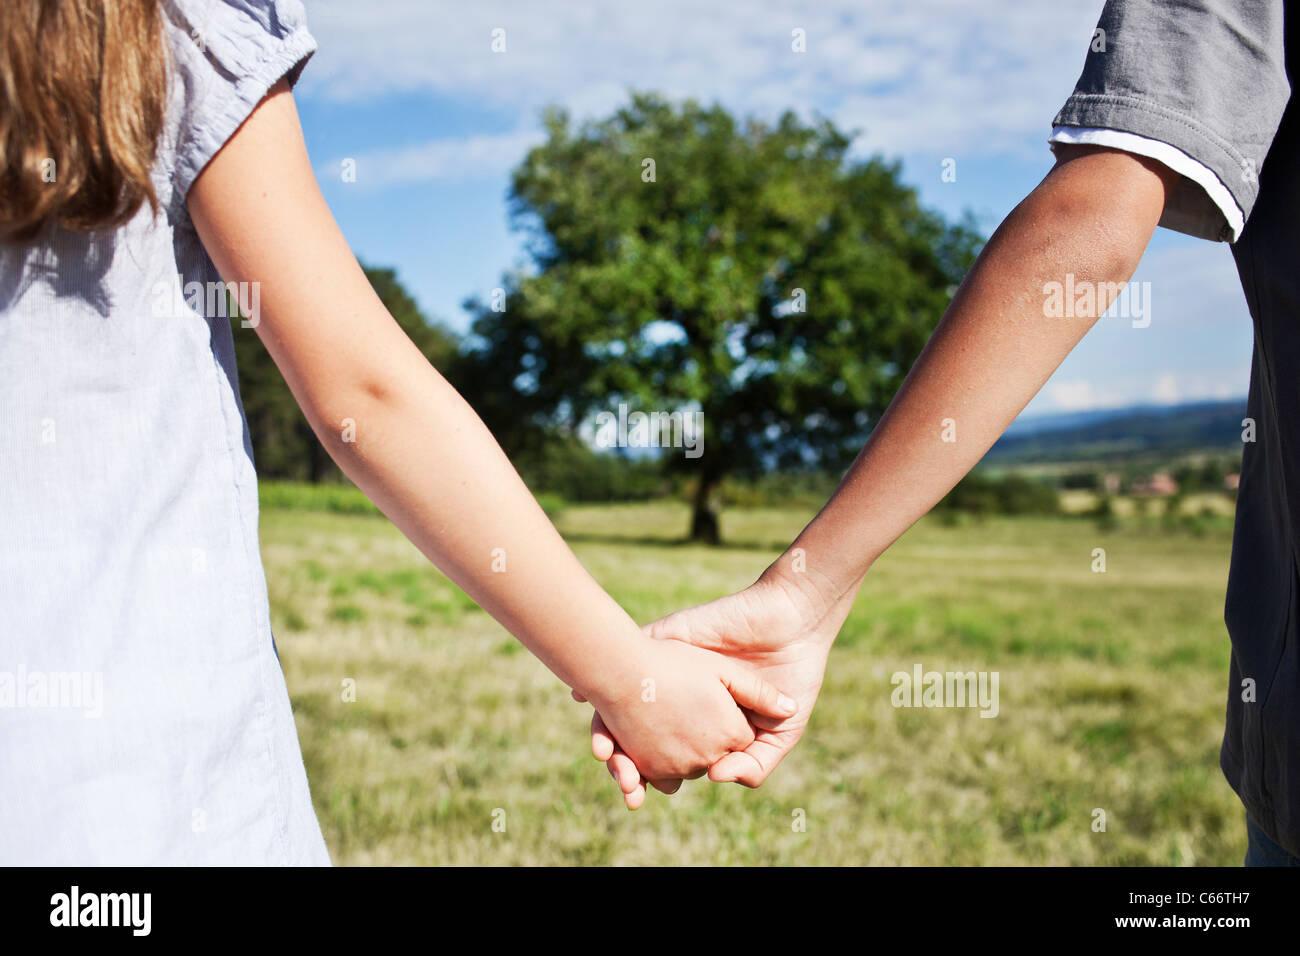 Les enfants se tenant la main dans la zone Banque D'Images